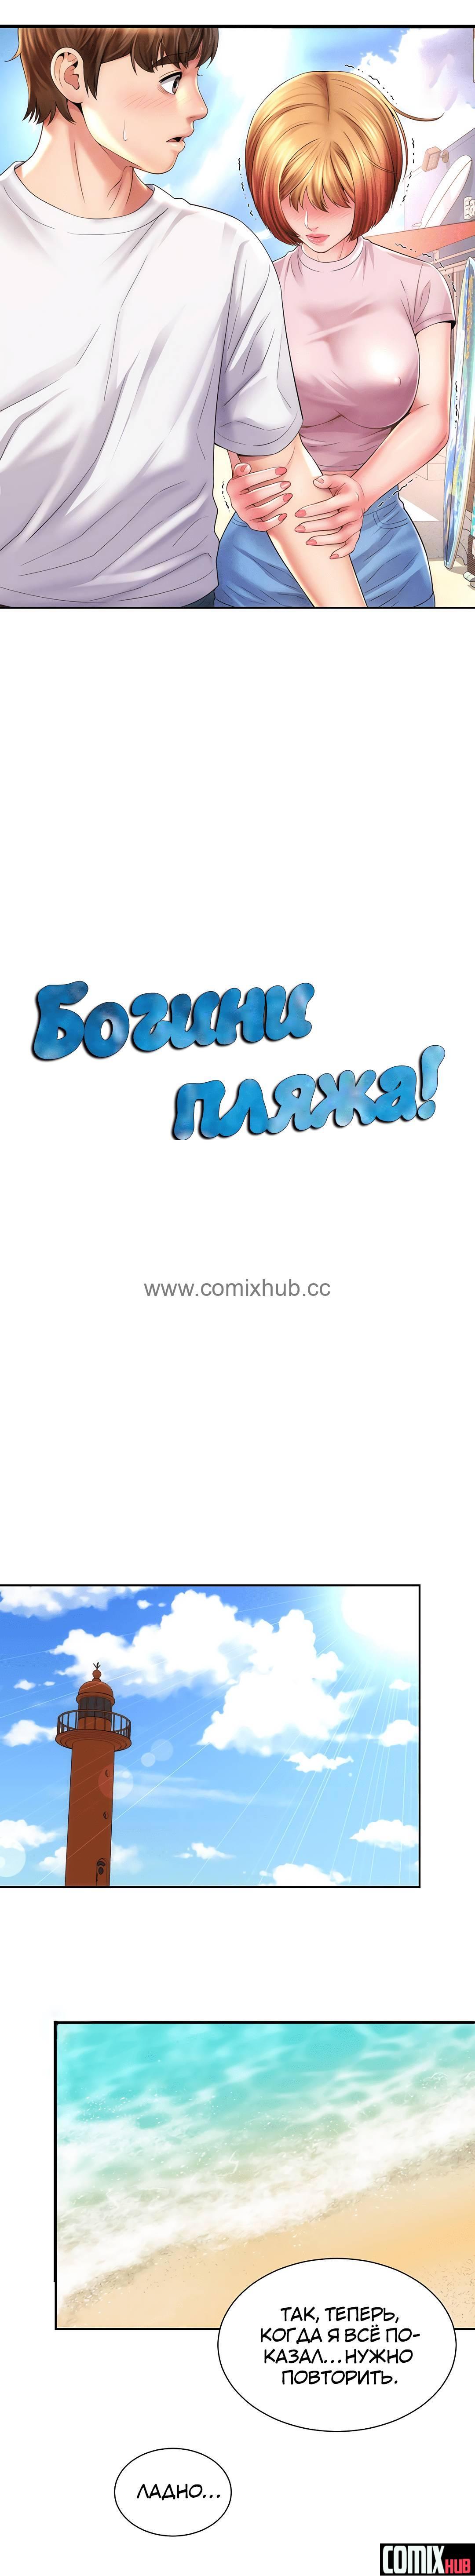 Манхва Богини пляжа, часть 13 Хентай манга, манхва, Большая грудь, Большие члены, Измена